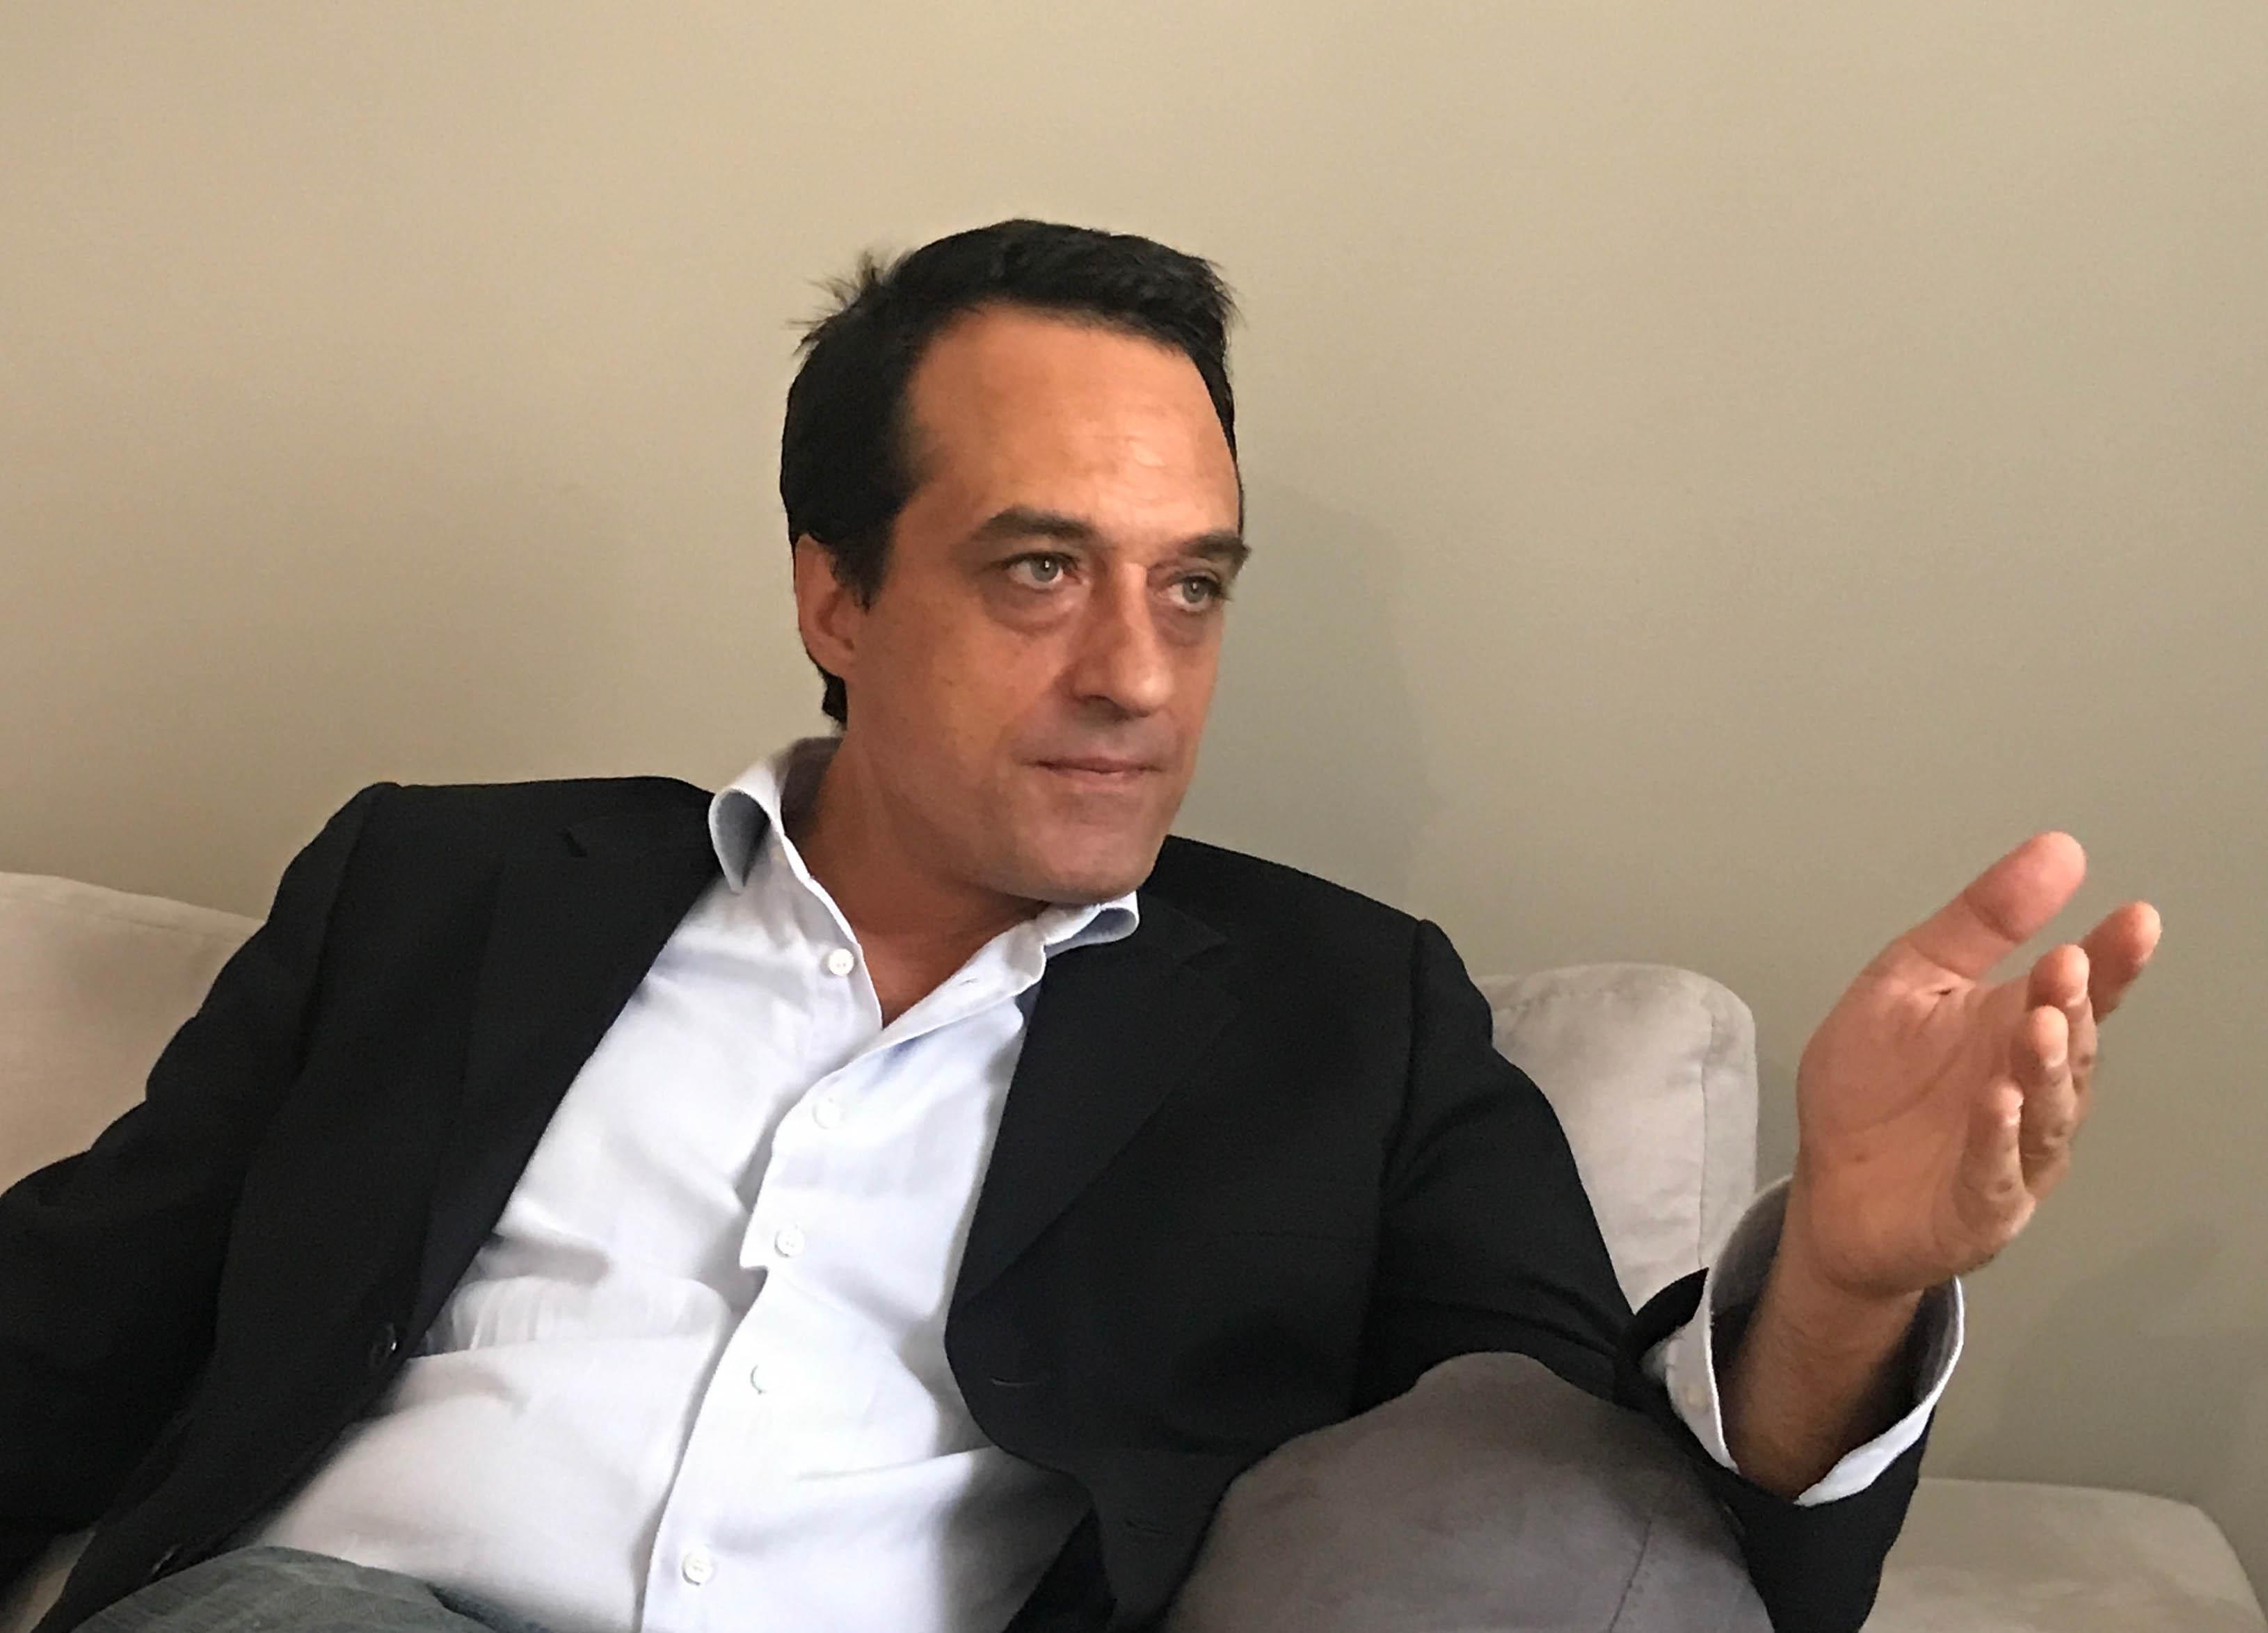 """Porto di Marsala, Plescia (Lega): """"Progetto al palo per negligenza, silenzio del sindaco intollerabile"""""""